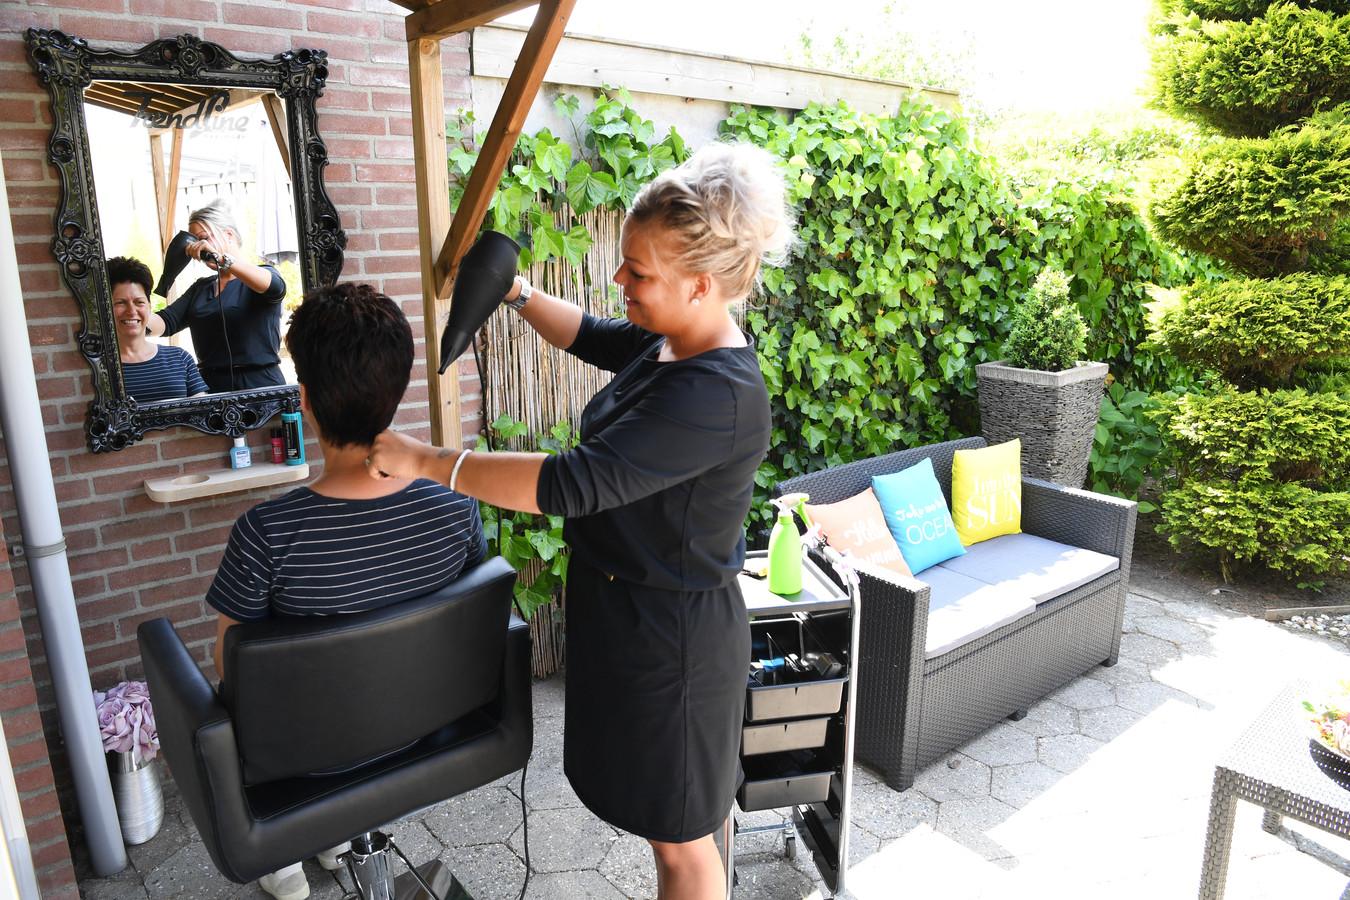 TILBURG,  Foto PixProfs/Jan Stads Kapsalon Trendline heeft de halve kapperszaak naar de tuin verplaatst. De buitenkapper dus. Eigenaresse Renée van Gils föhnt haar klant Corona van Riel